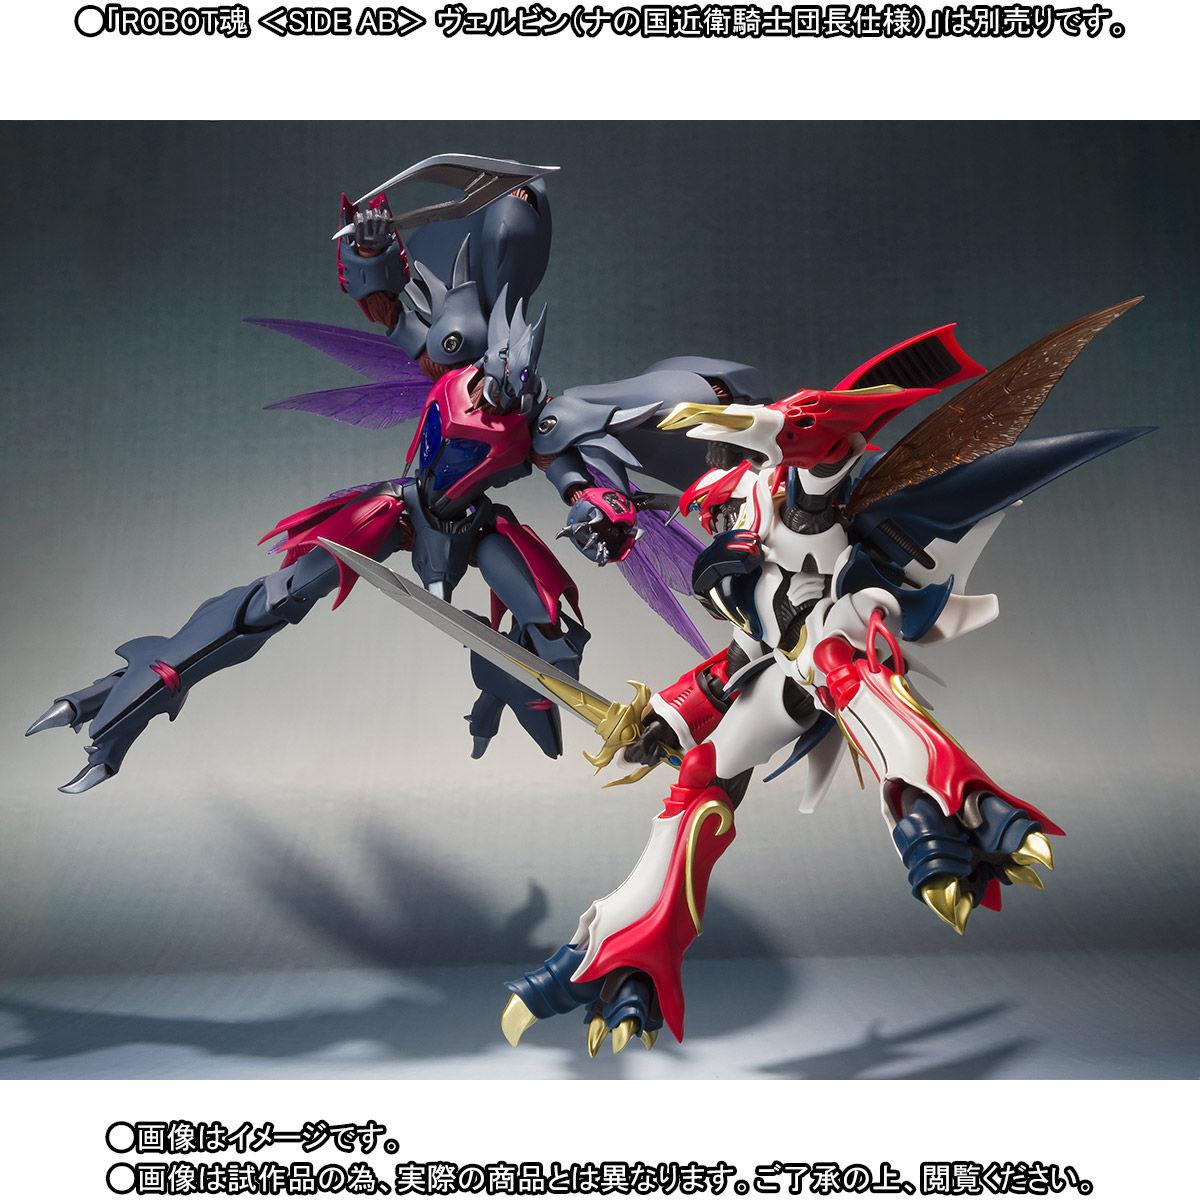 【限定販売】ROBOT魂〈SIDE AB〉『ビアレス(AURA FHANTASM)』ダンダムMSV 可動フィギュア-009